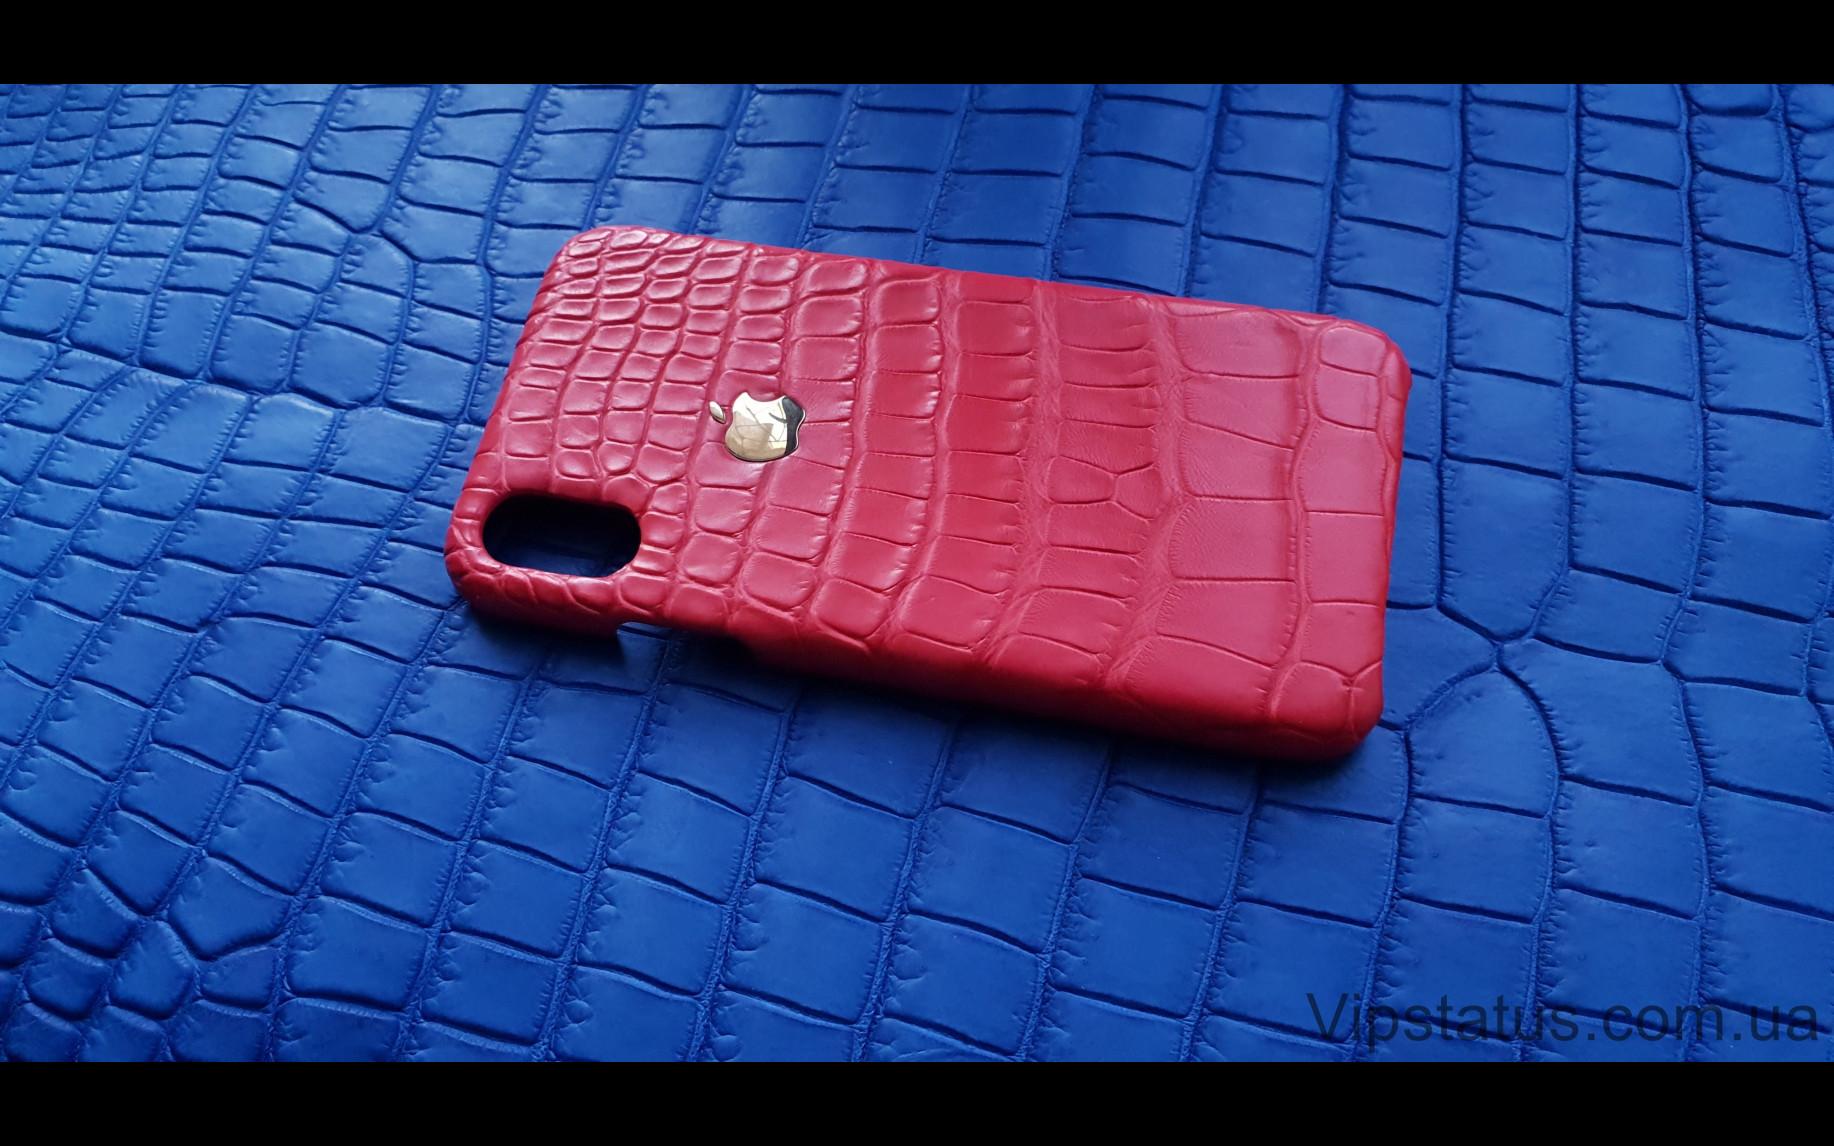 Elite Gold Apple Люксовый чехол IPhone X XS кожа крокодила Gold Apple Luxury case IPhone X XS Crocodile leather image 2